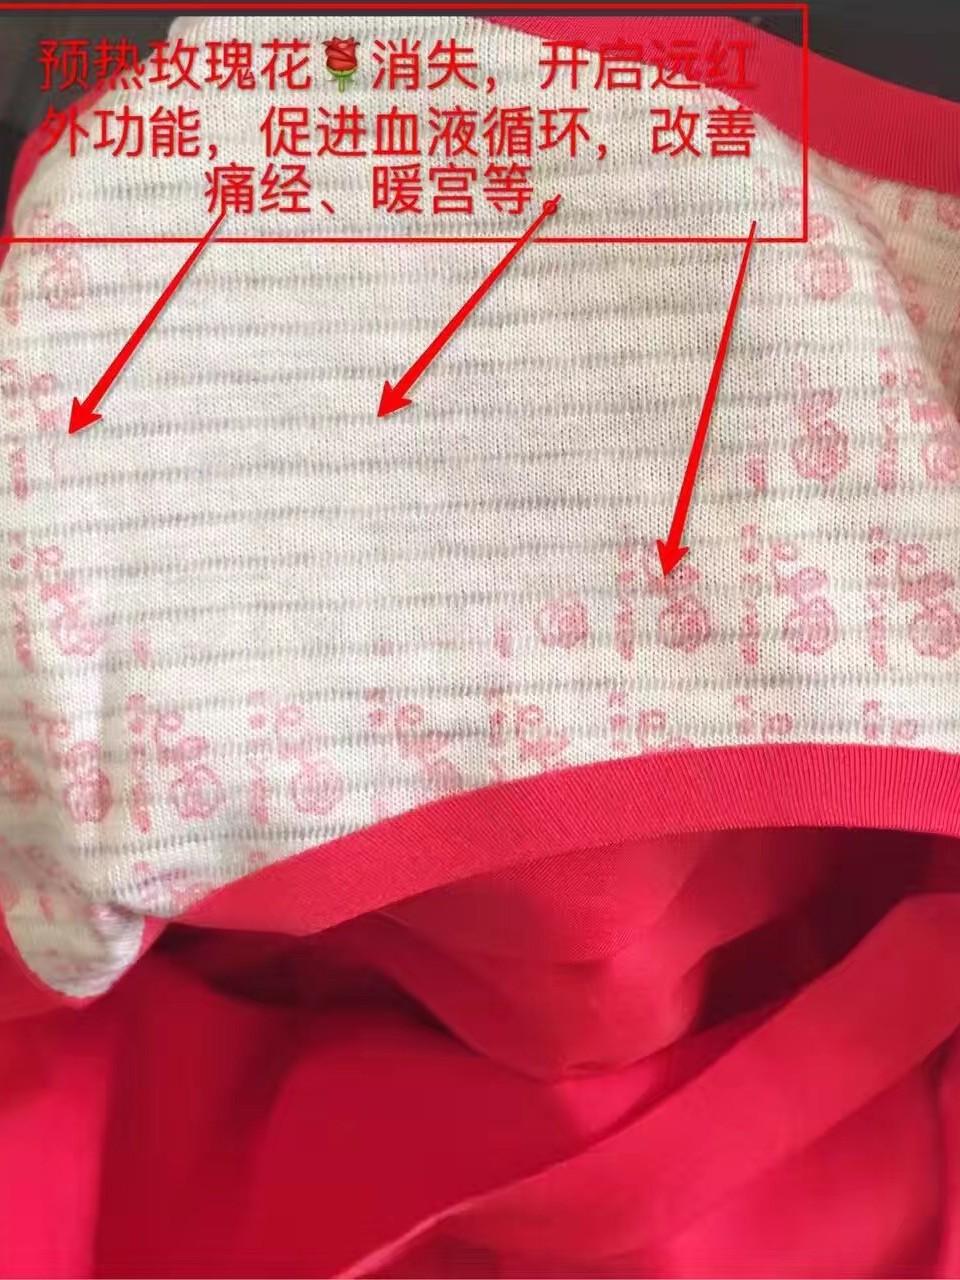 朵女郎粉粉裤,冰丝